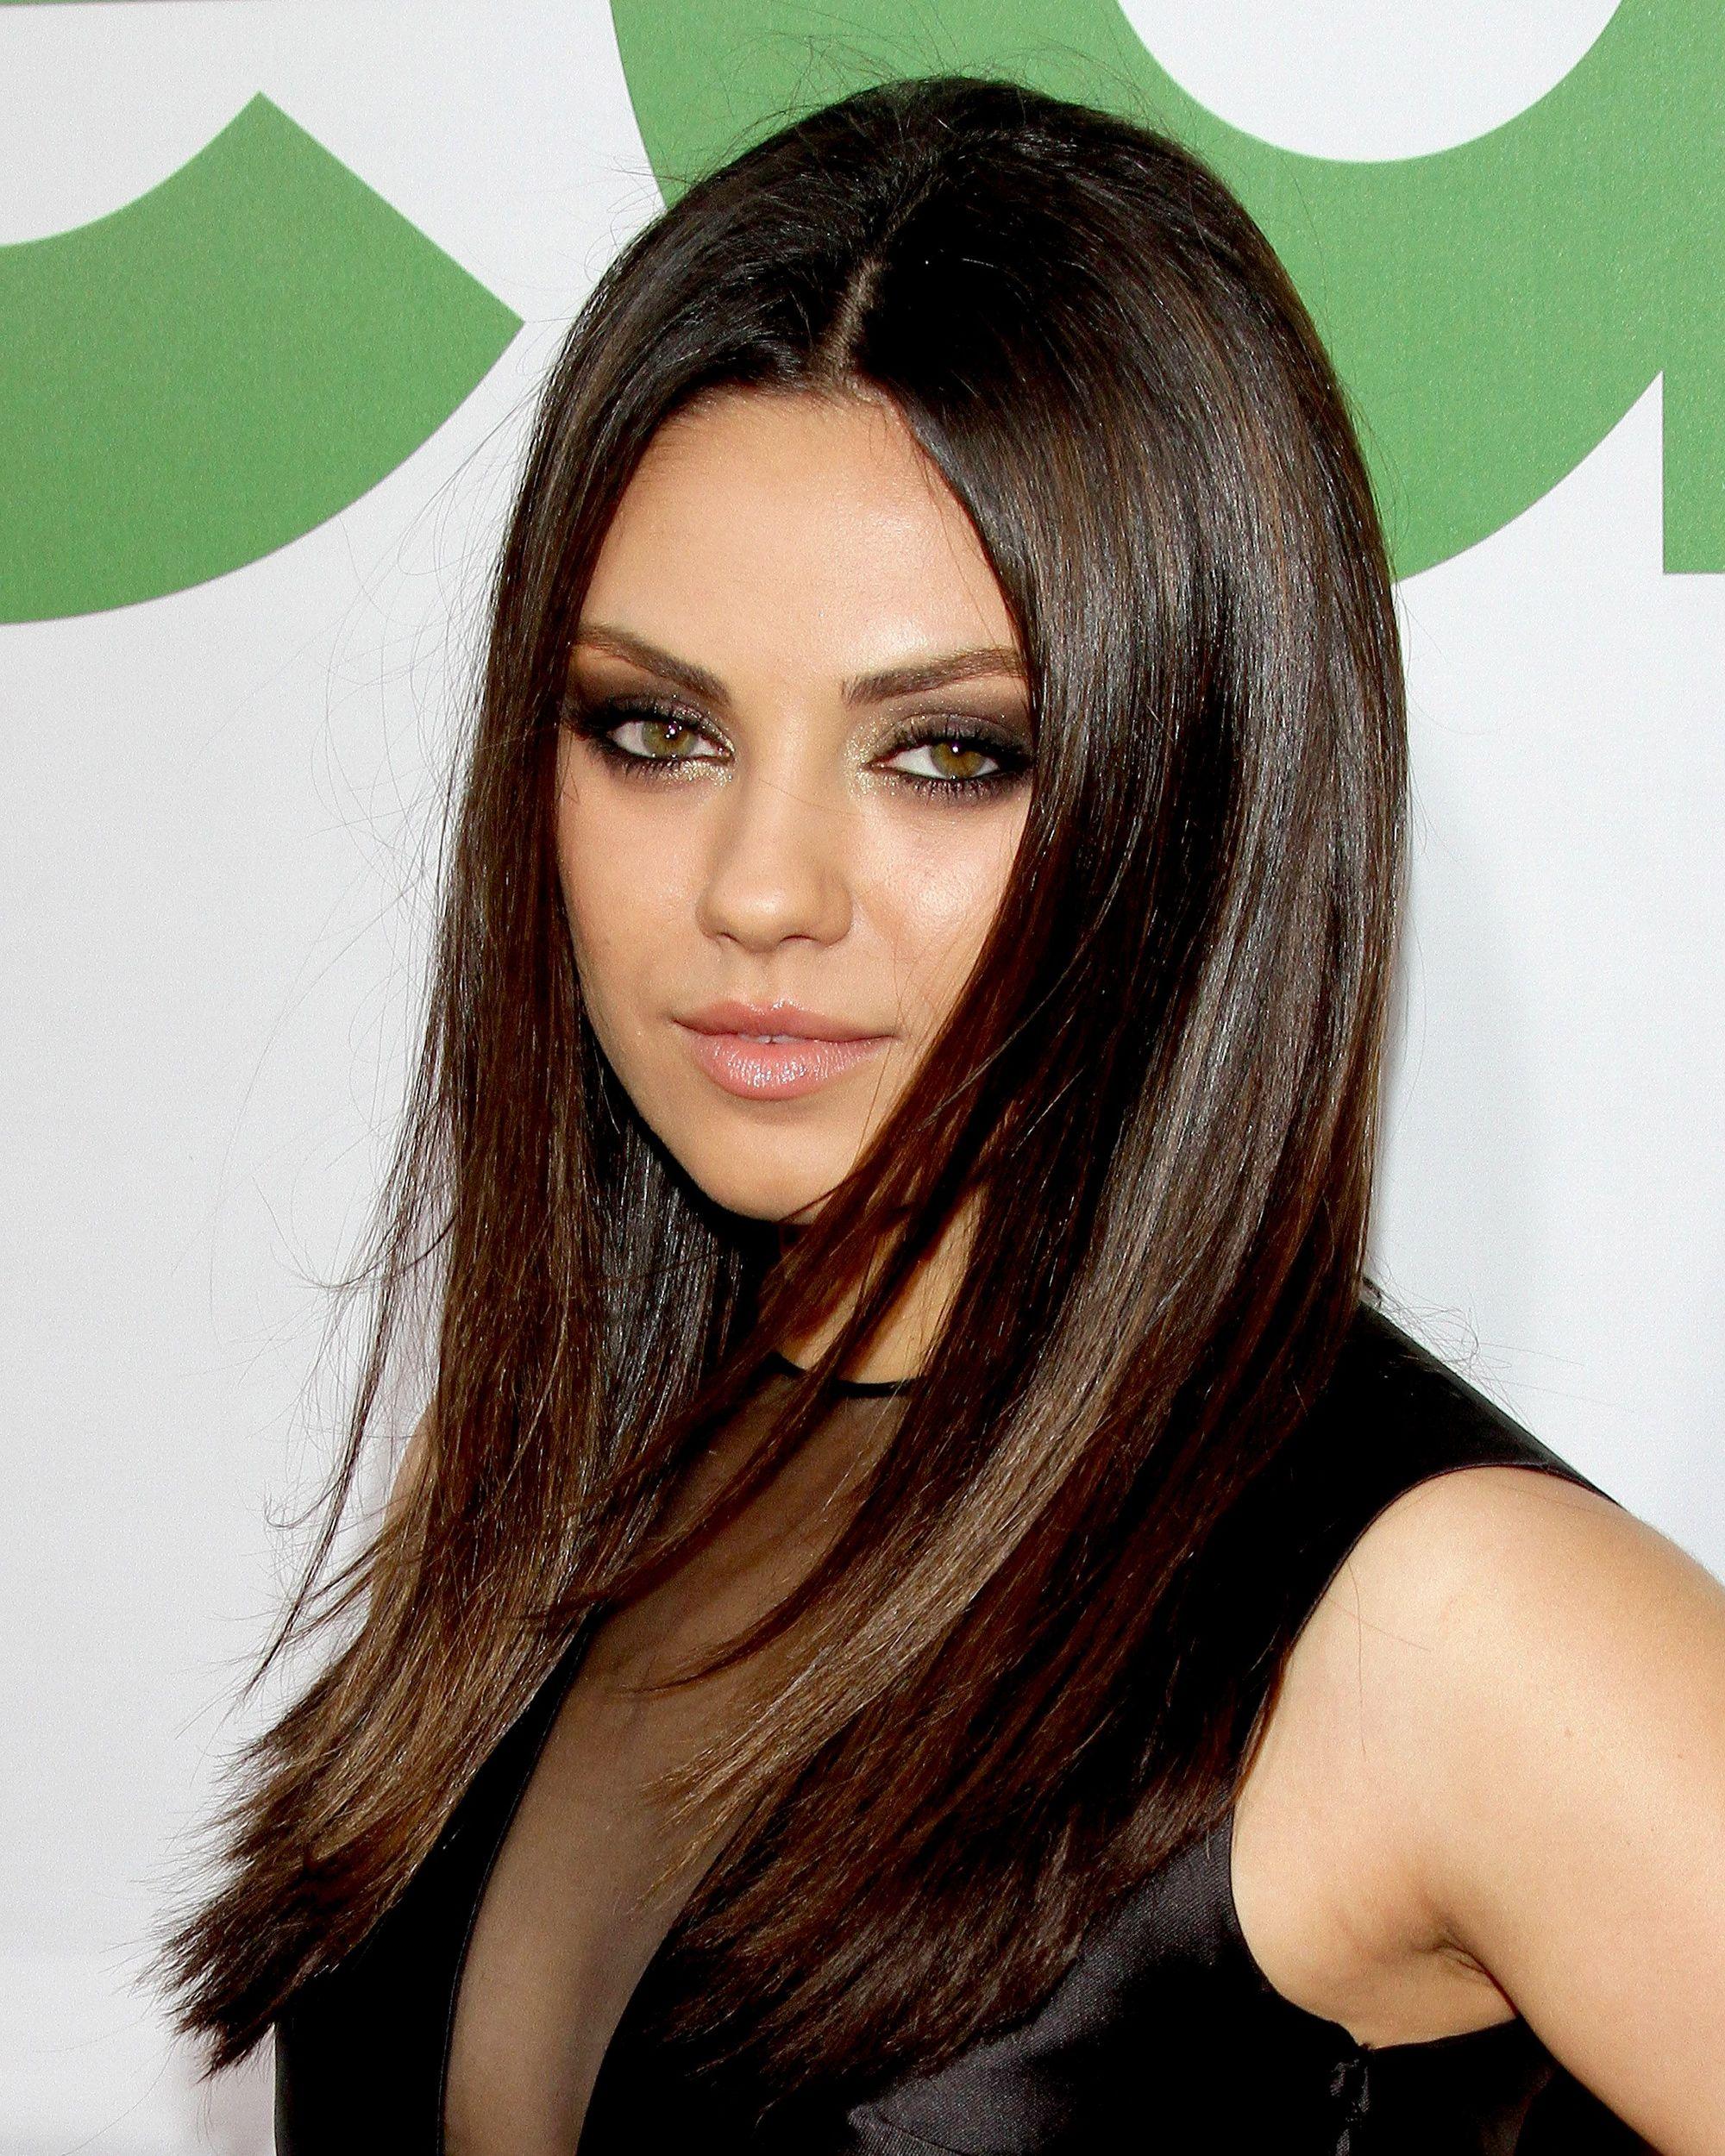 l'actrice mila kunis avec de longs cheveux noirs et raides à longues épaisseurs